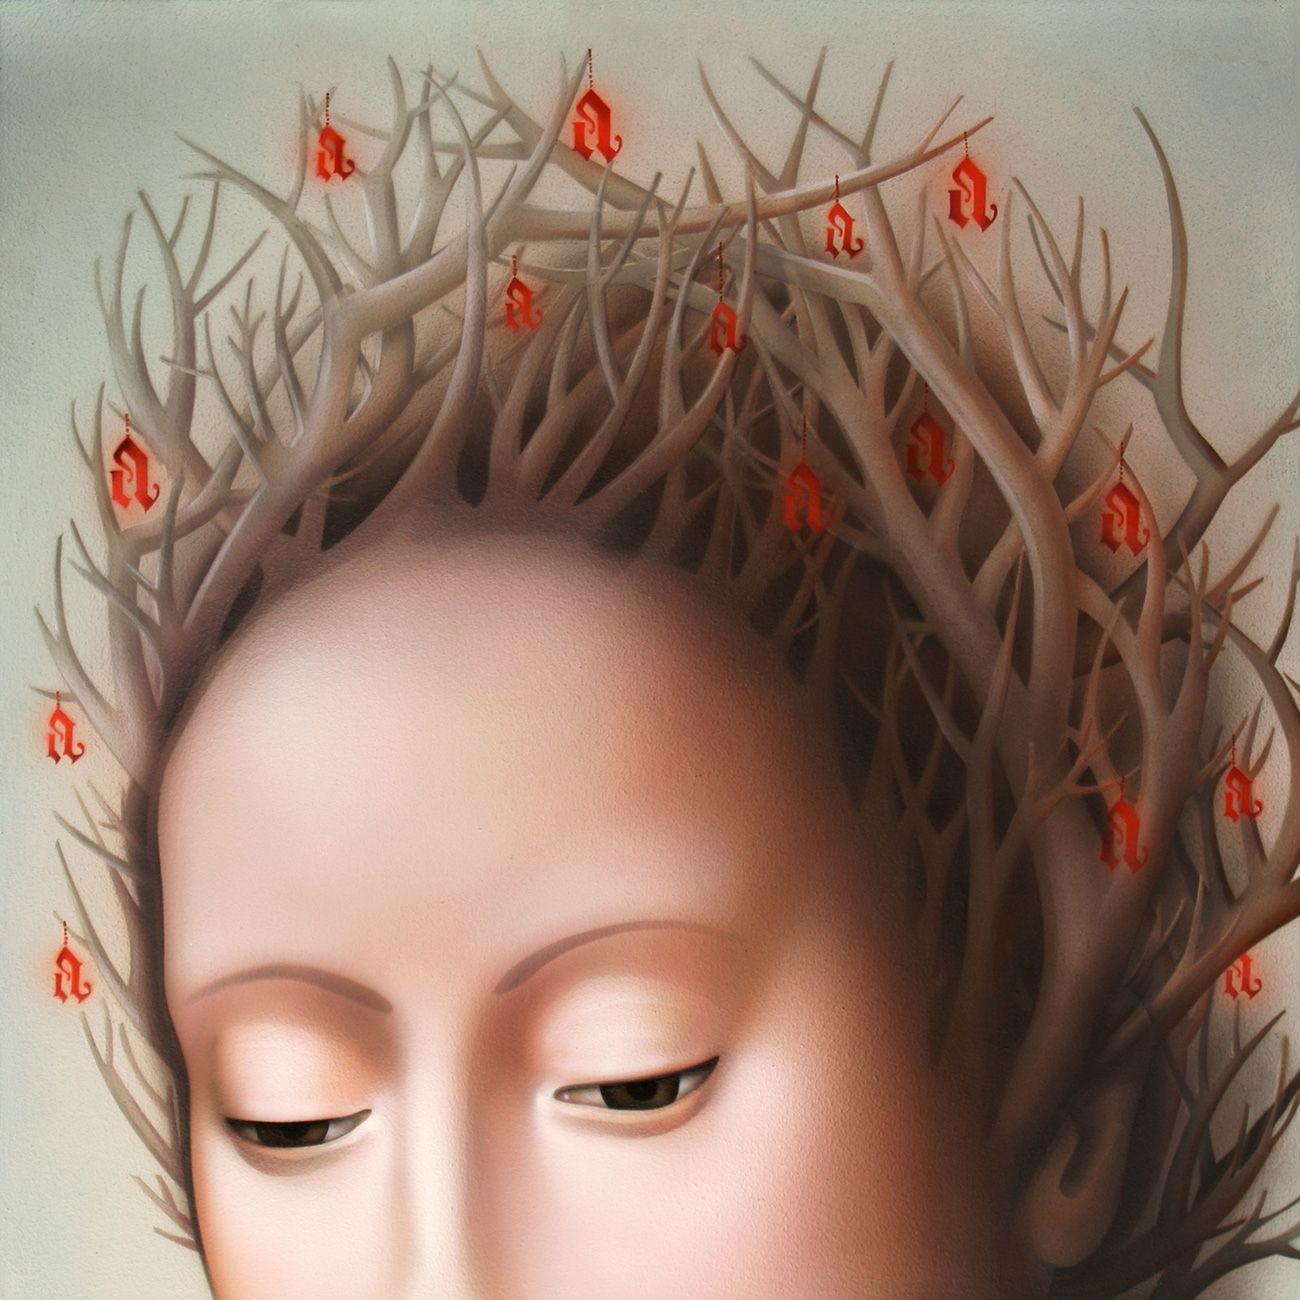 Una vez más Nani Serrano, en sus diálogos iconográficos con la pintura antigua muestra predilección por aquellos lenguajes en los que primó el refinamiento preciosista y la elegancia formal. Es el caso del periodo renacentista en Flandes, eligiendo en esta ocasión un cuadro homónimo de Petrus Christus, dándole otra vuelta de tuerca a la alegoría del árbol de la ciencia, marchito tras el pecado original (...)